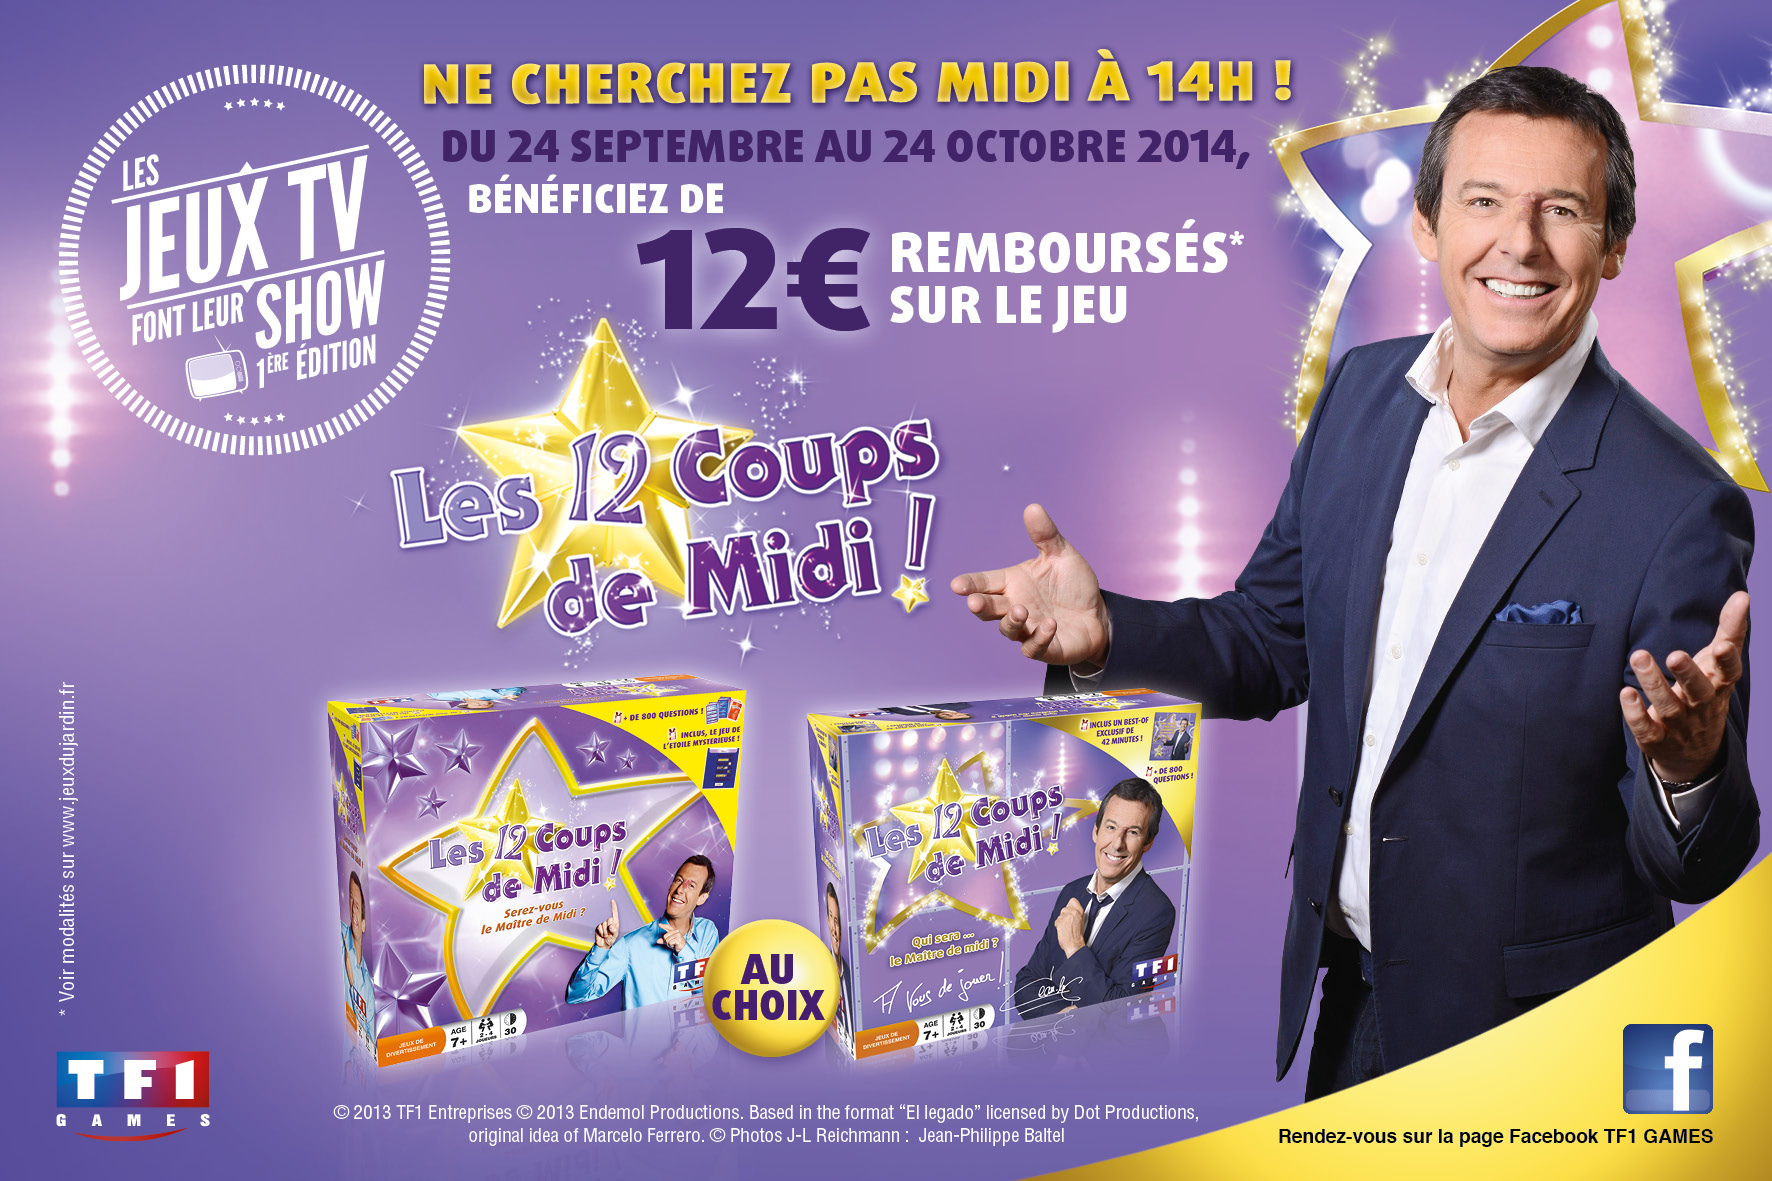 Accueil tf1 games jeux dujardin - Mytf1 fr jeu les 12 coups de midi ...